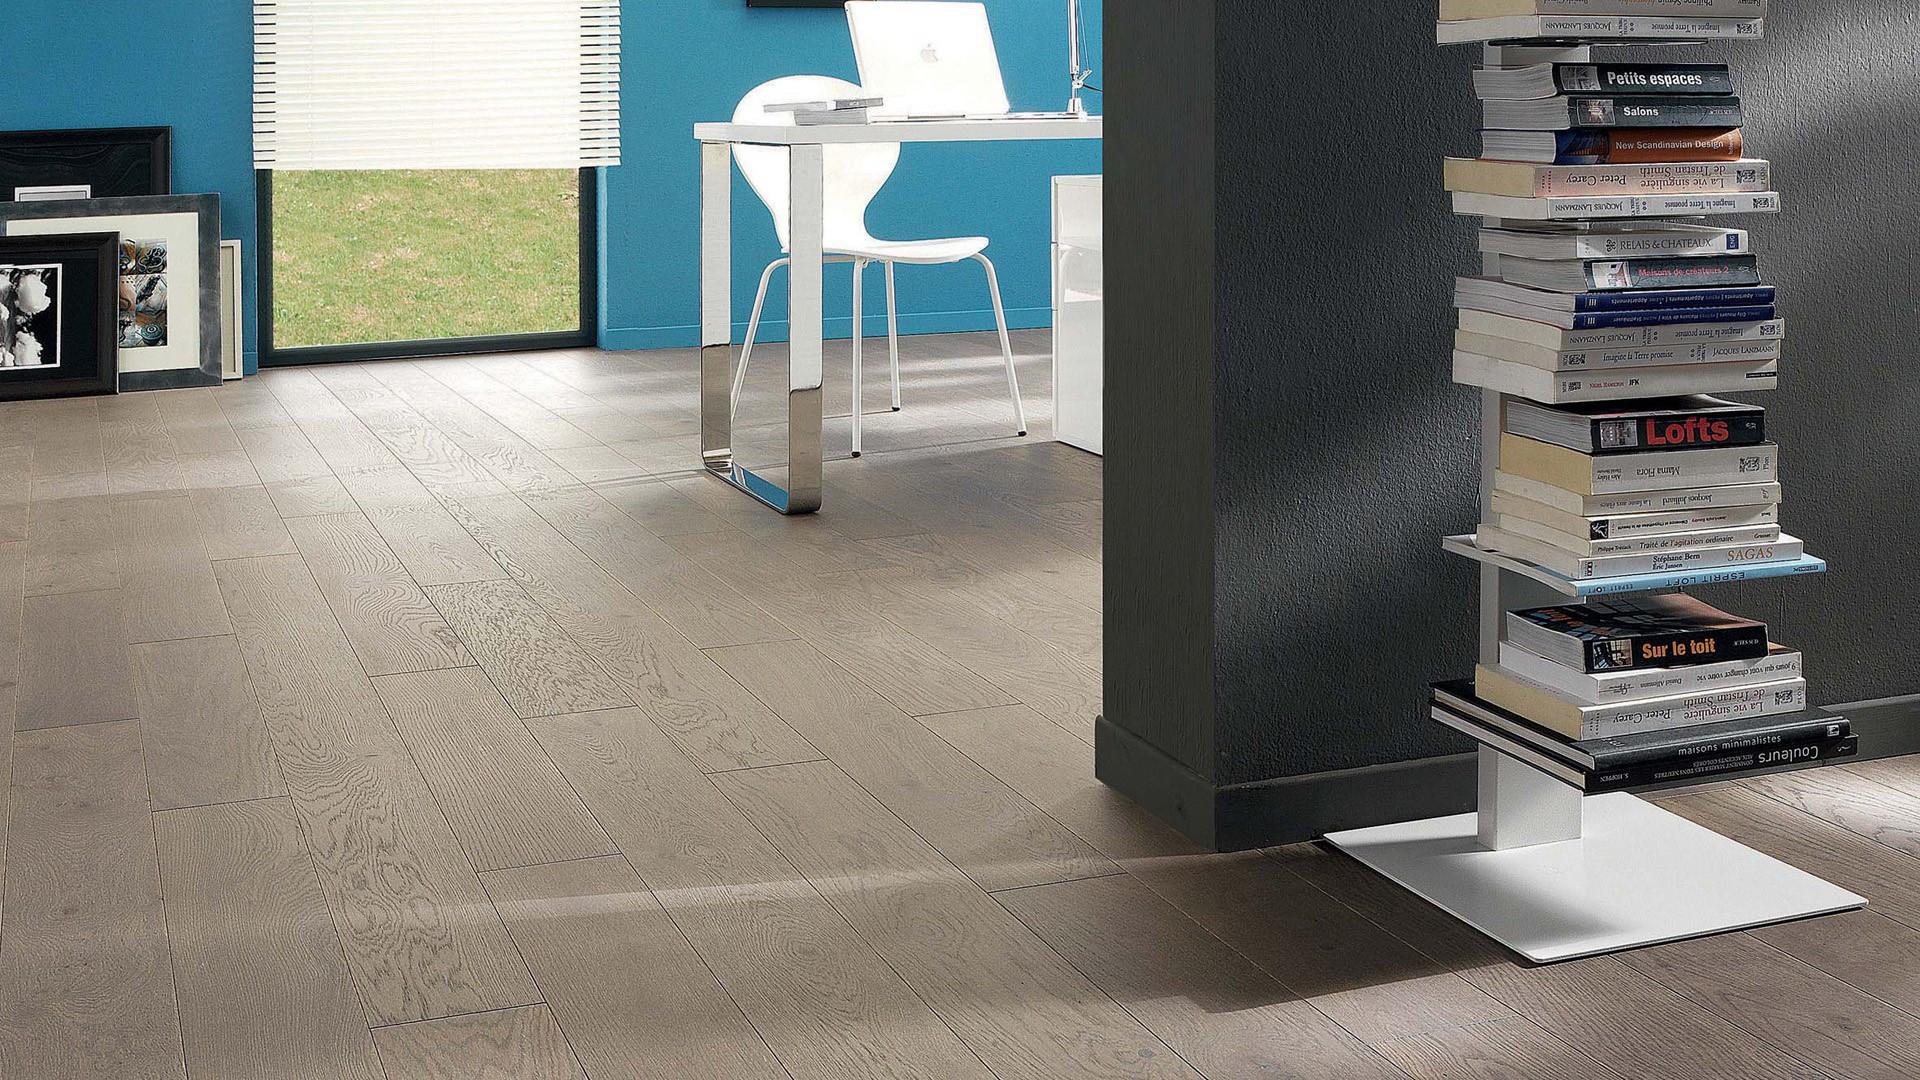 2 mm engineered hardwood flooring of floor french oak zenitude topia diva 139 with parquet en french oak zenitude topia 12 mm